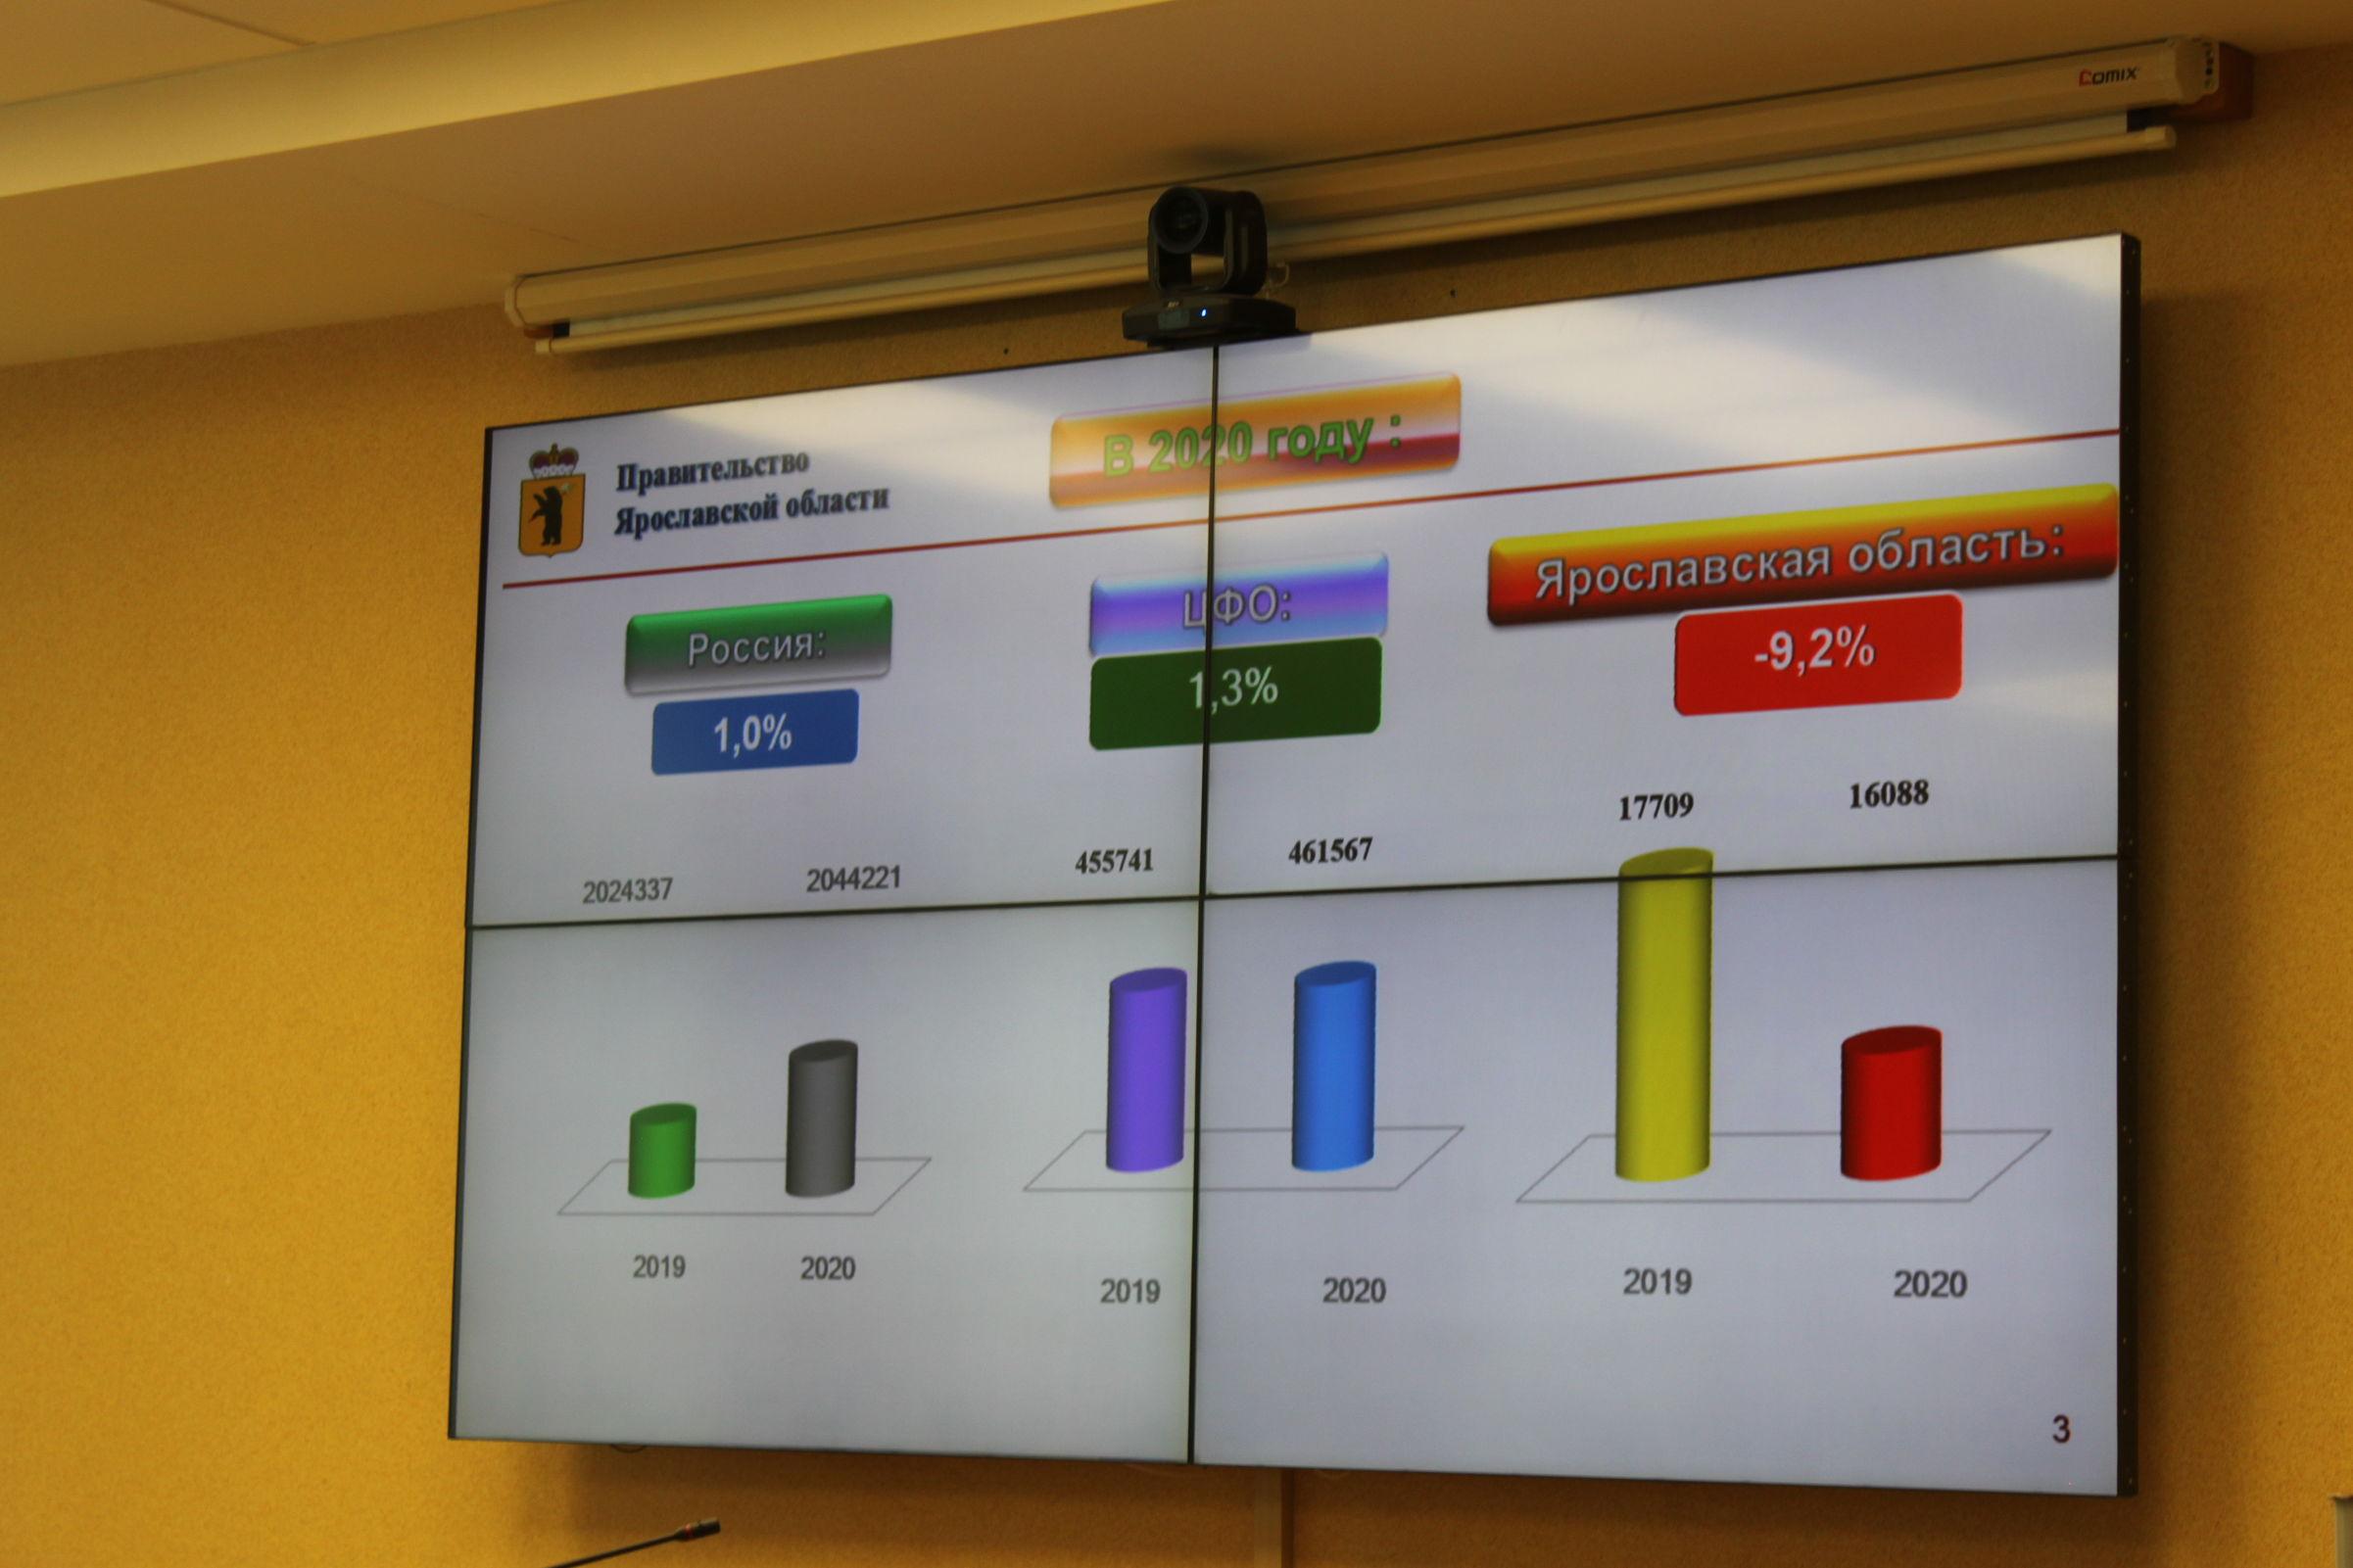 В Ярославской области за год снизилось число преступлений